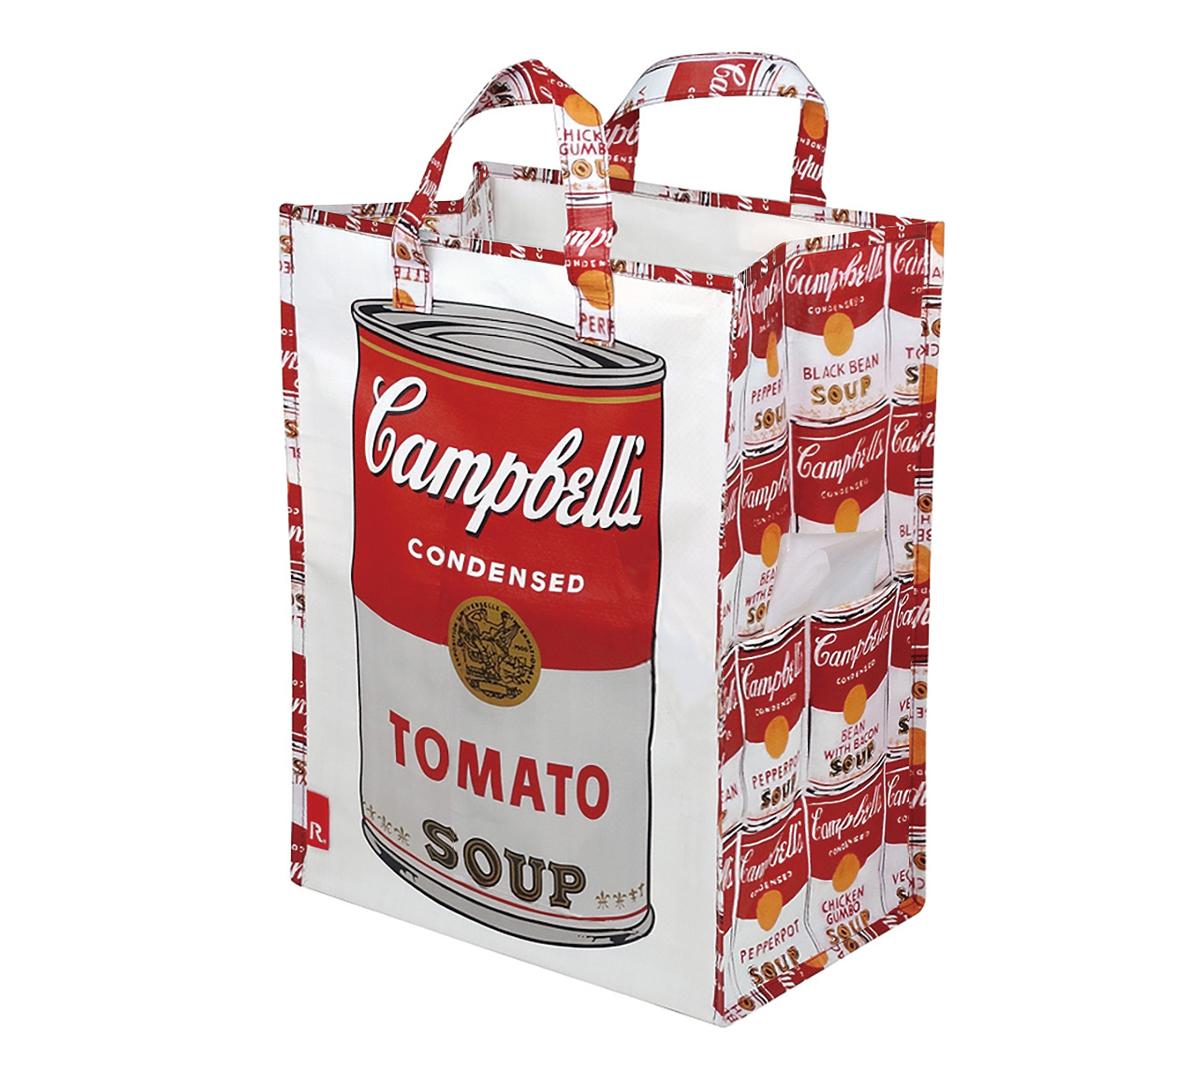 見た目にも楽しい アウトドア用のおしゃれなゴミ袋・ゴミバッグ|ROO Garbage(Campbell's Soup Cans)